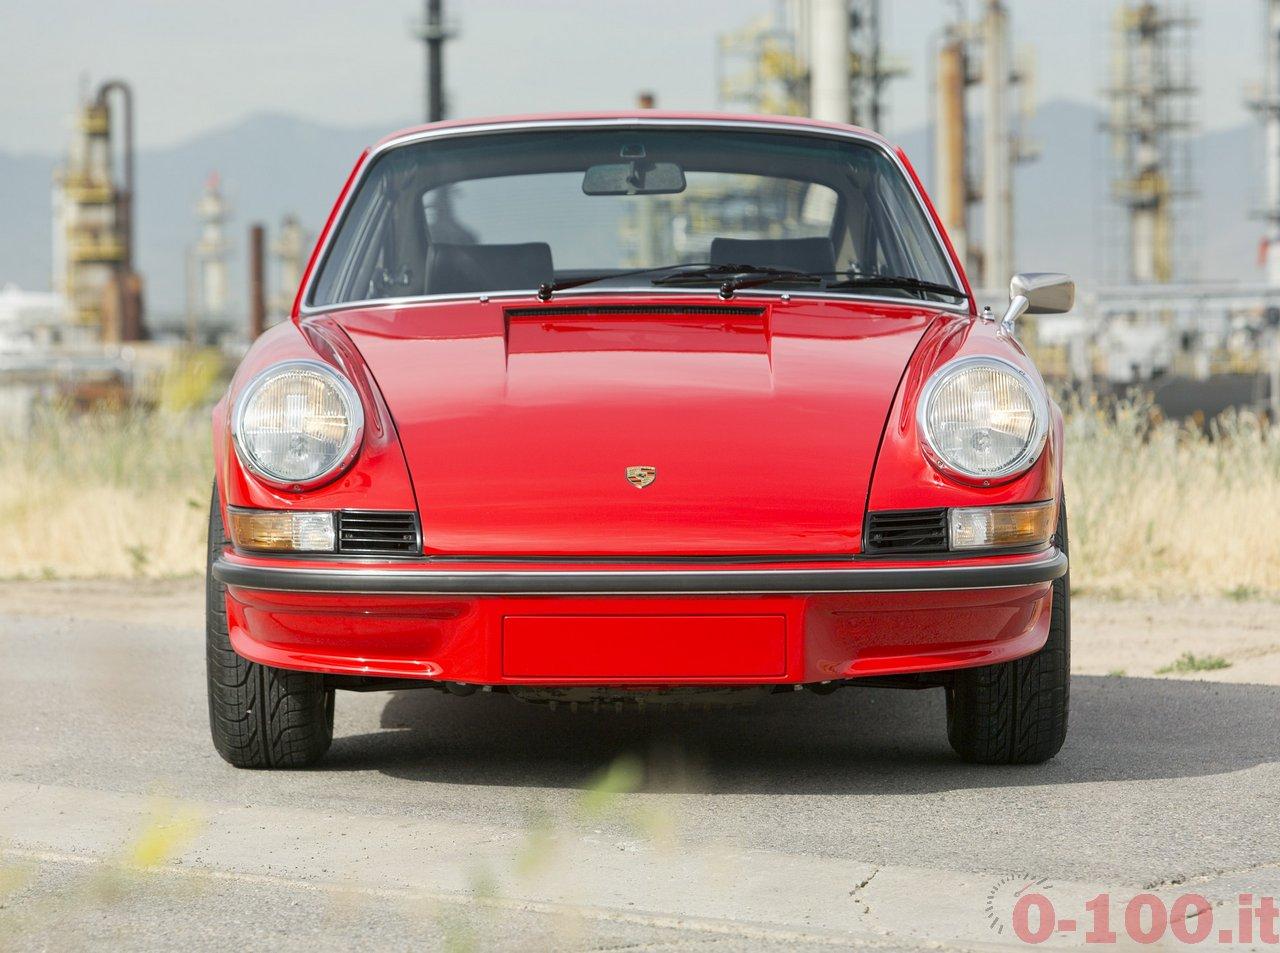 porsche-911-carrera-rs-2700-9113600125-bonhams-quail-lodge_0-100_10